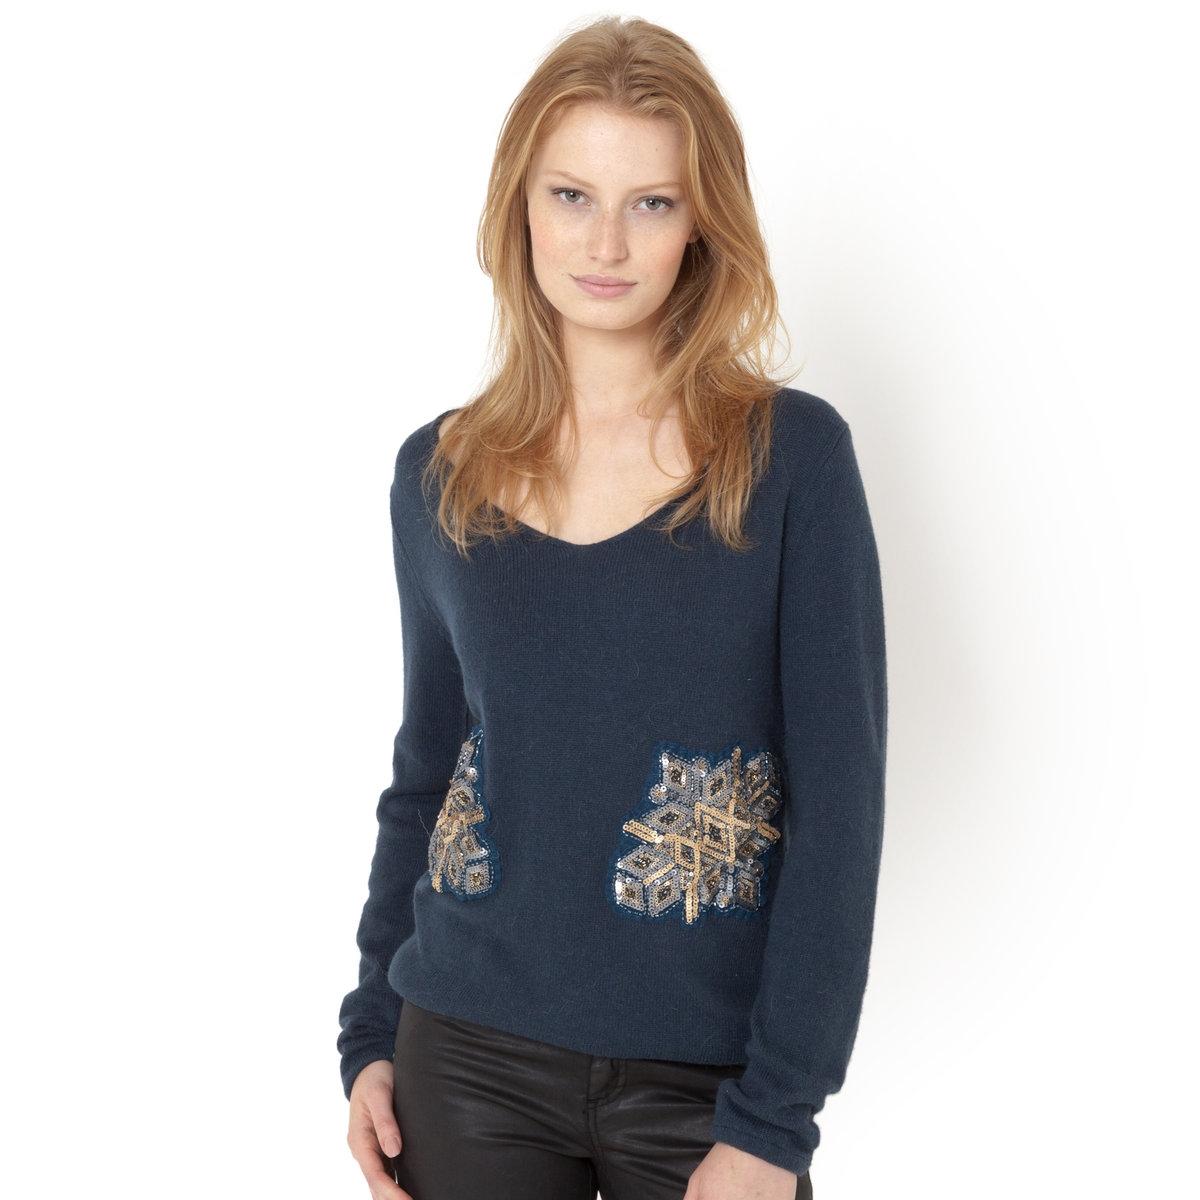 Пуловер с украшениемПуловер с украшением. Глубокий V-образный вырез. Длинные рукава. Края рукавов и низа собраны внизу. 40% хлопка, 40% полиамида, 15% вискозы, 5% альпаки.Длина ок.64 см.<br><br>Цвет: розовый пастельный,синий